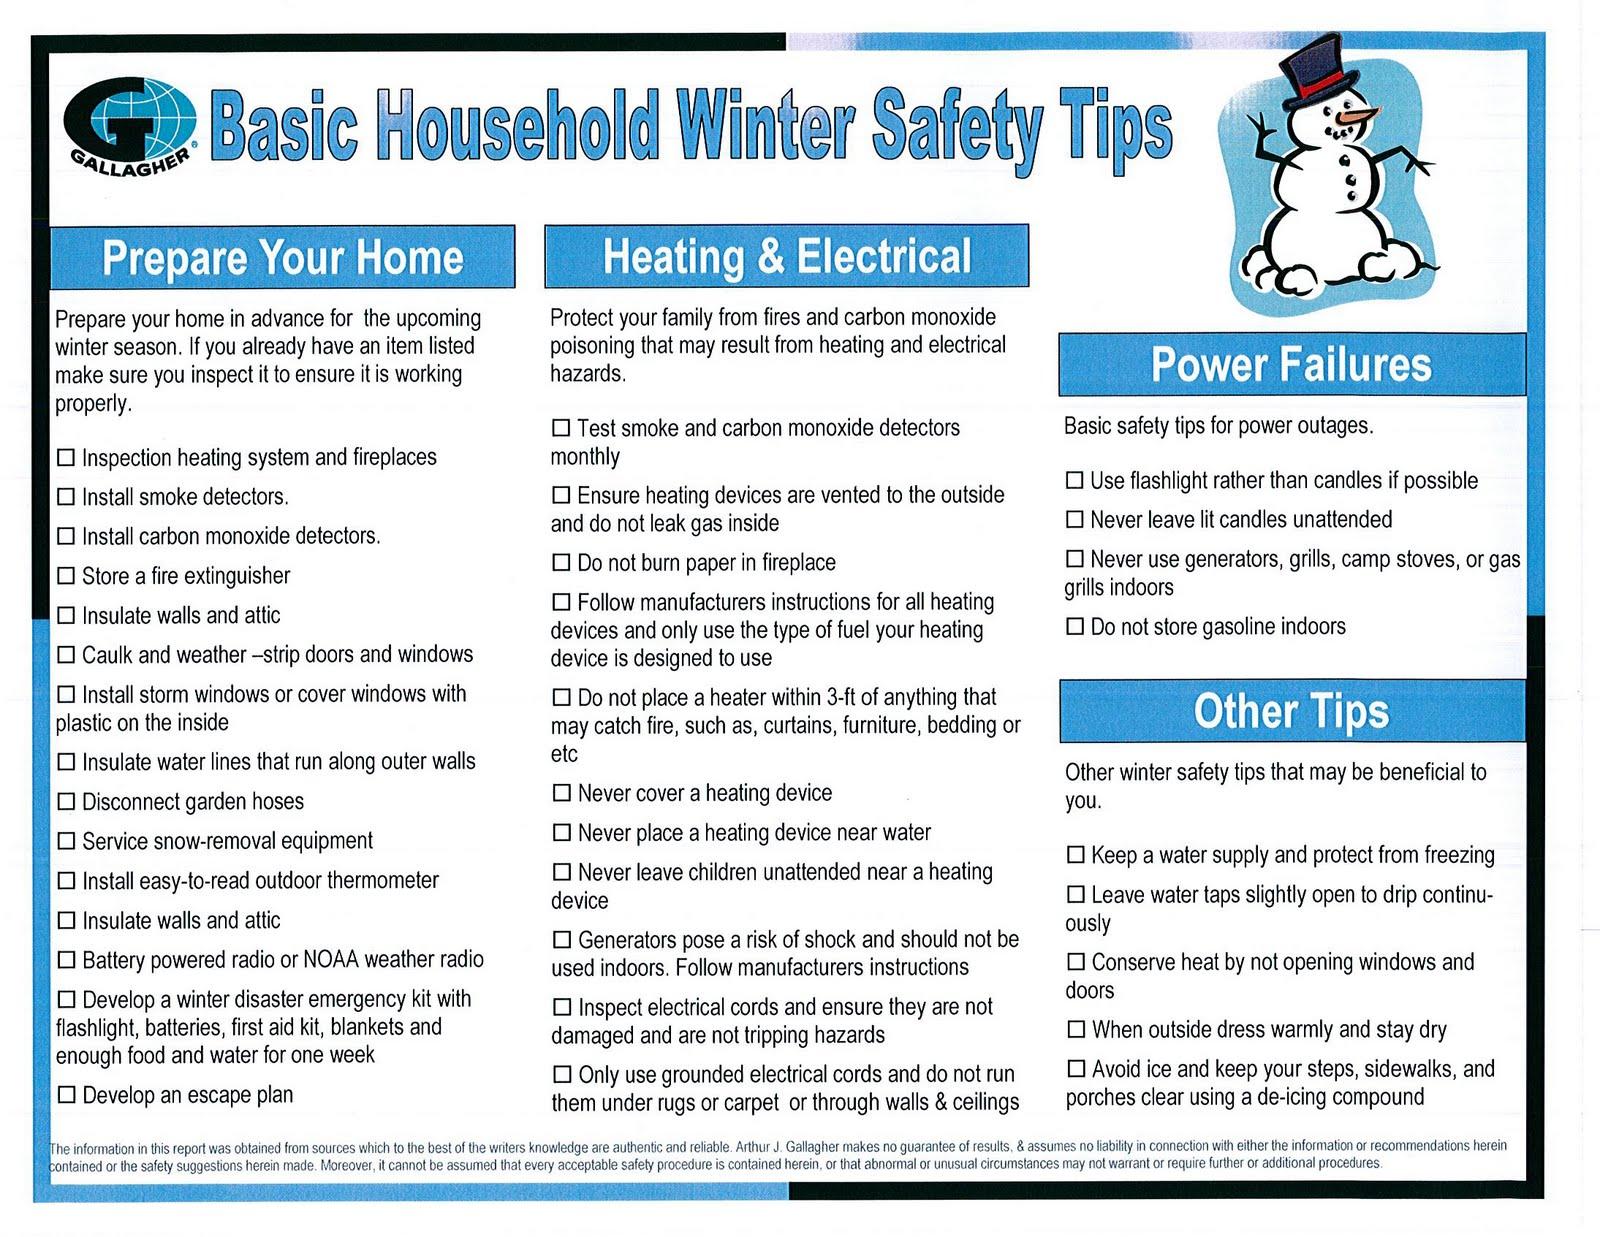 Acm Blog Basic Household Winter Safety Tips From Arthur J